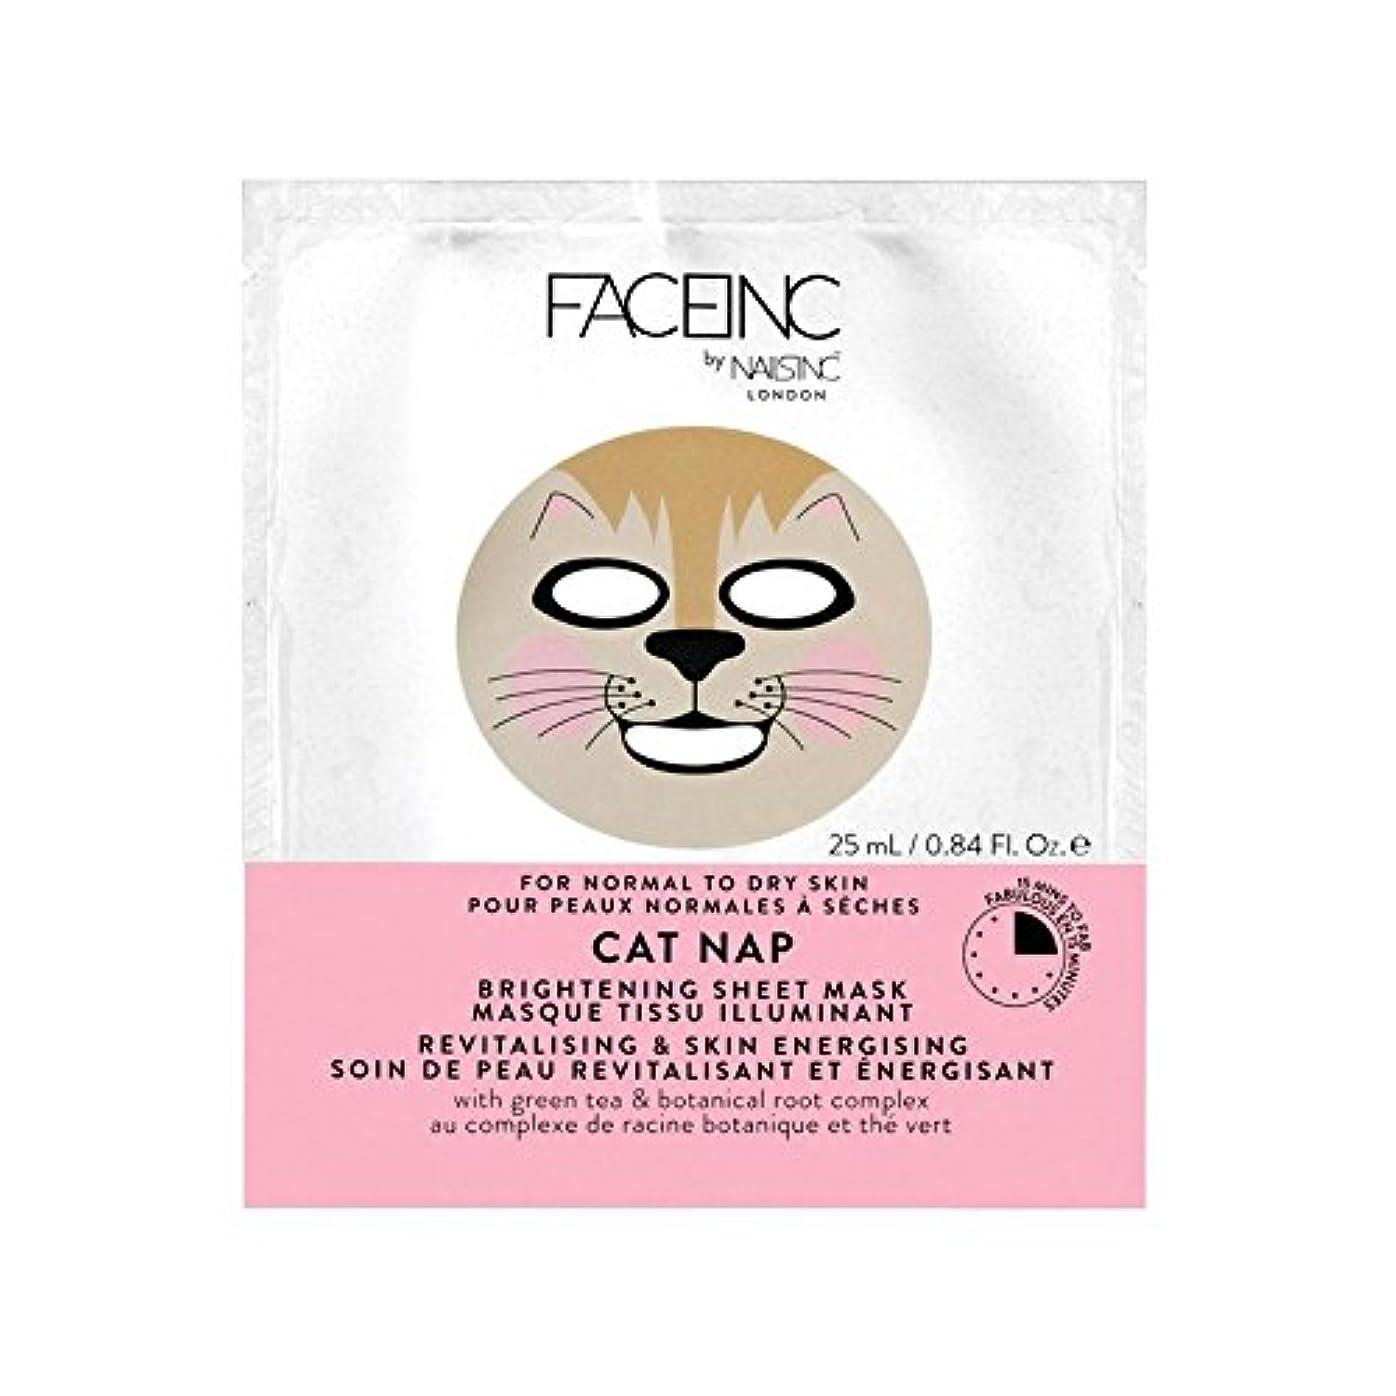 作物静める特権的爪が株式会社顔猫の昼寝用マスク x2 - Nails Inc. Face Inc Cat Nap Mask (Pack of 2) [並行輸入品]